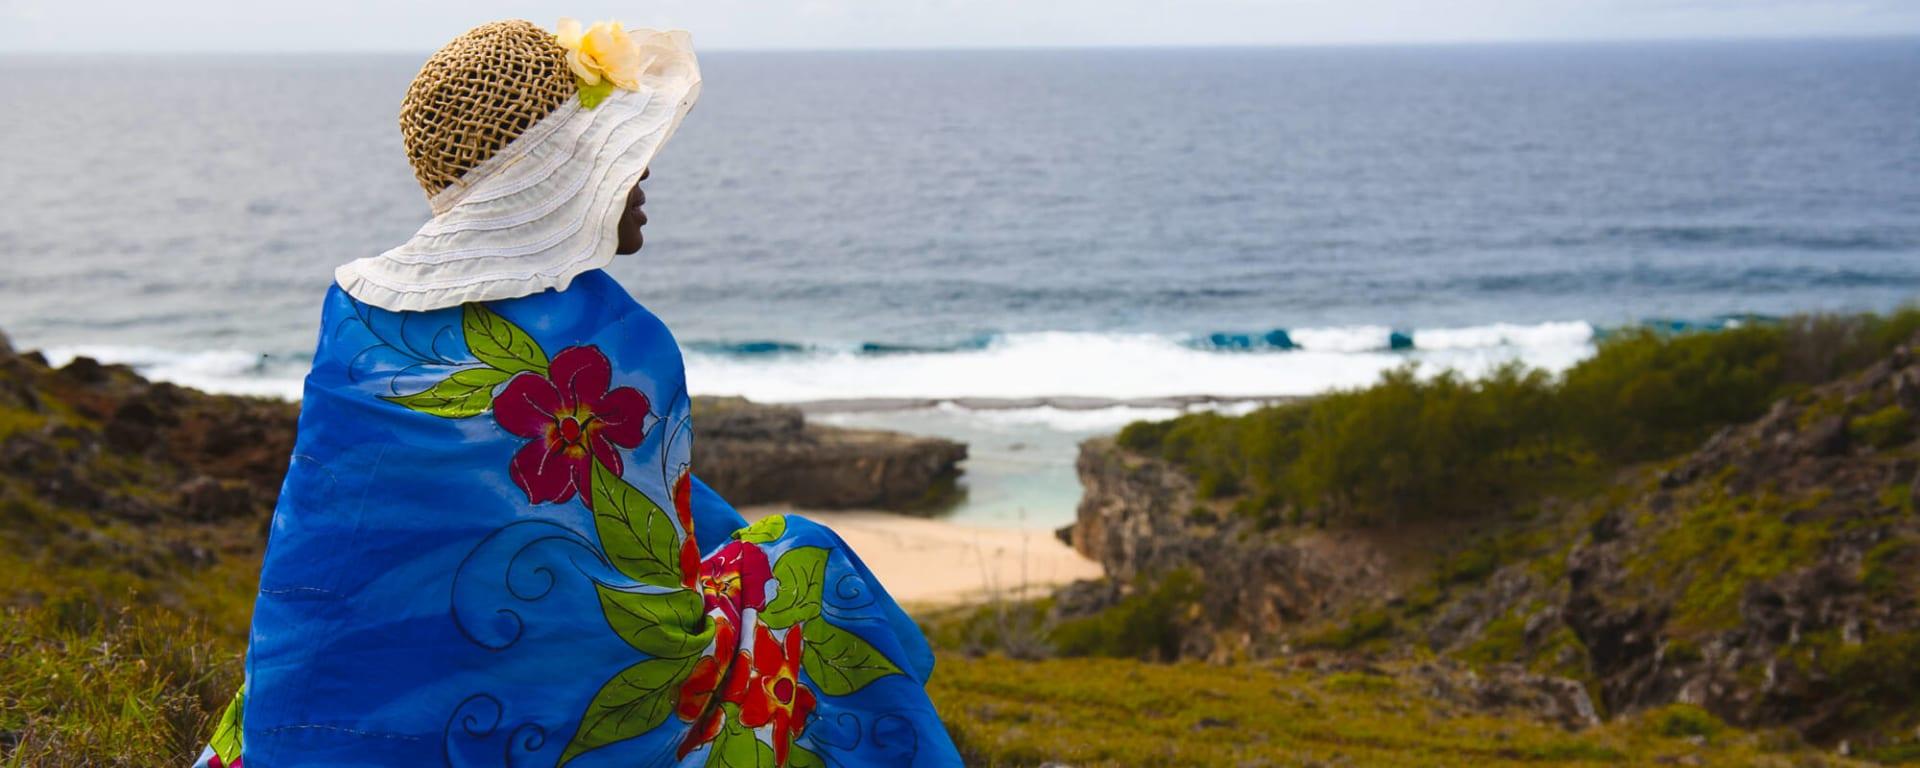 Rodrigues entdecken mit Tischler Reisen: Rodrigues Insel Frau mit Hut